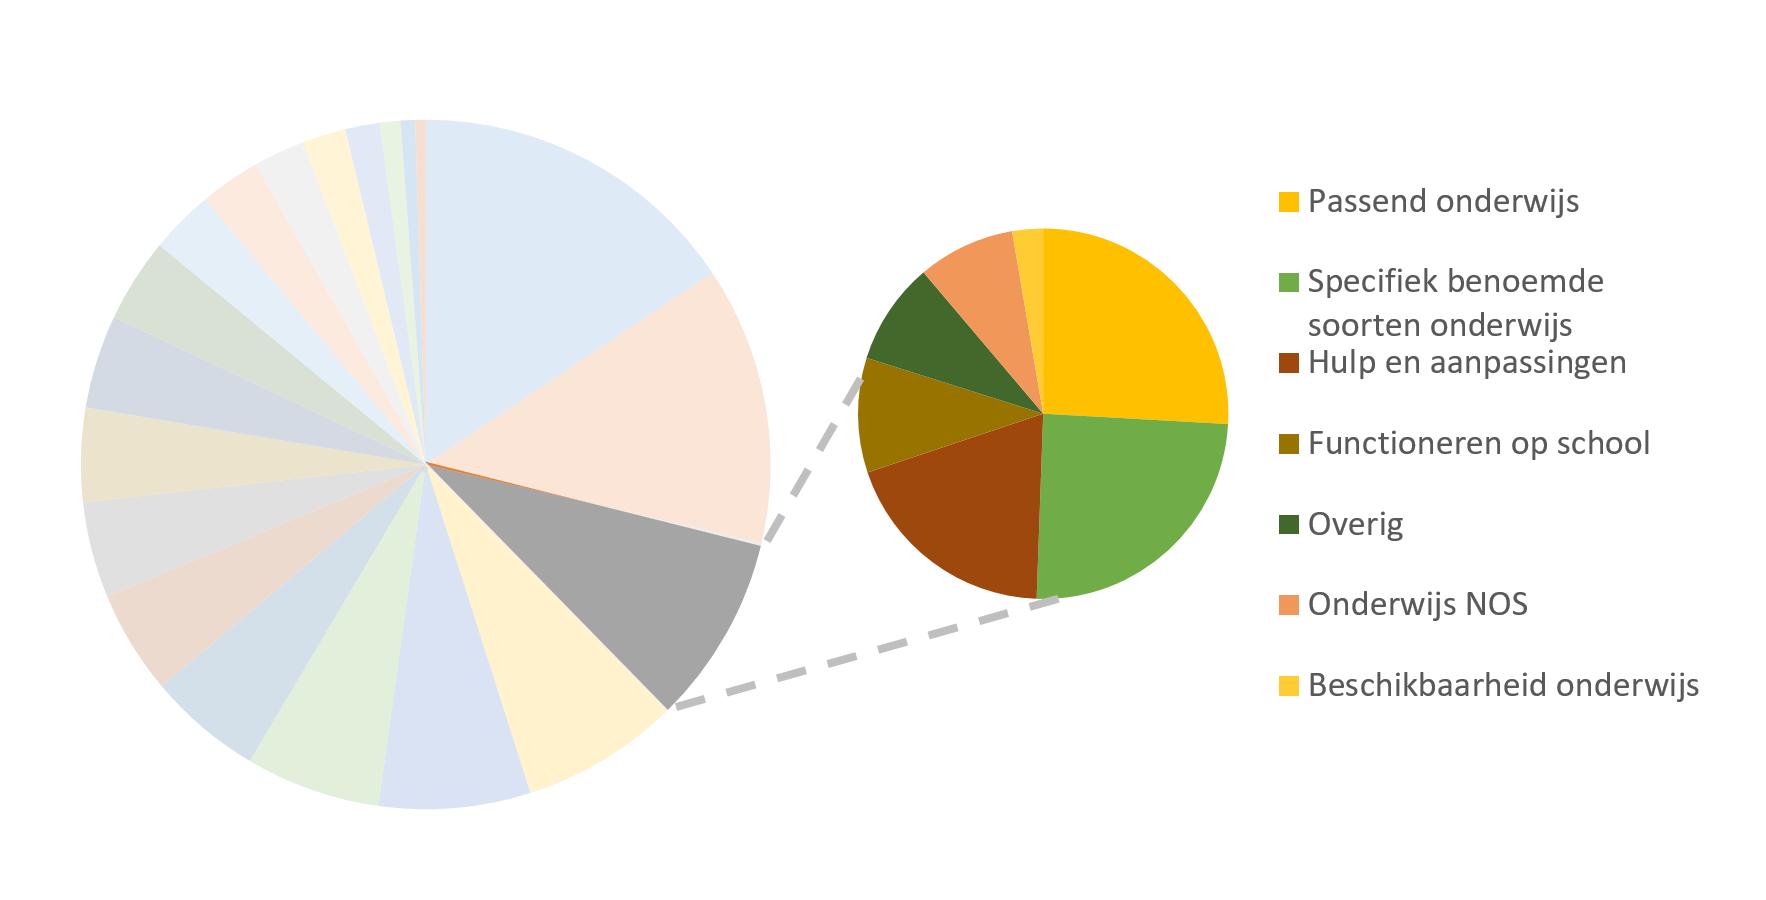 taartpuntdiagram toont de subthemas die bij het thema onderwijs horen